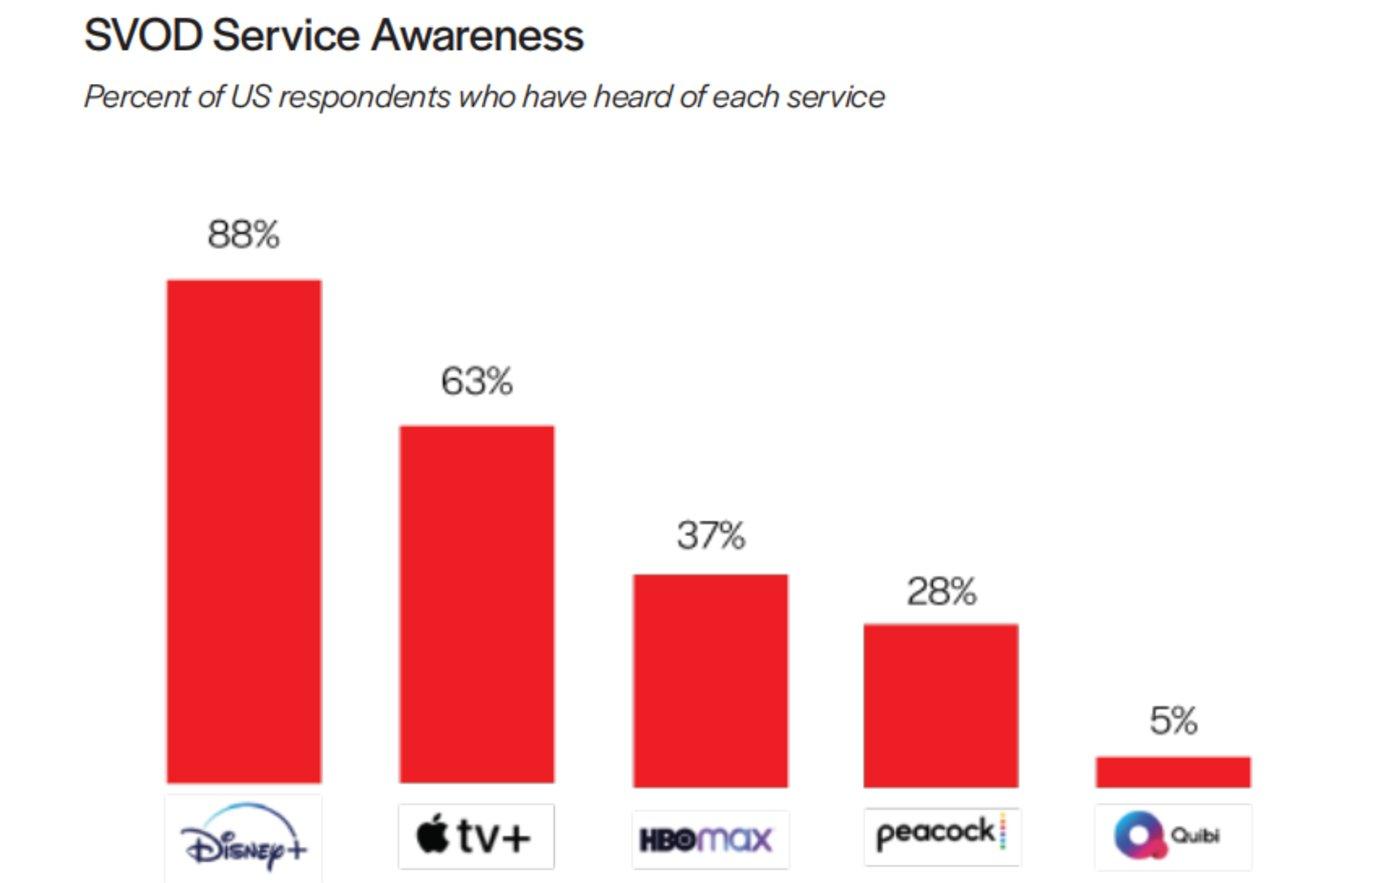 图:SVOD流媒体影响力:美国受访者听说过某个流媒体服务占总受访者的人数比